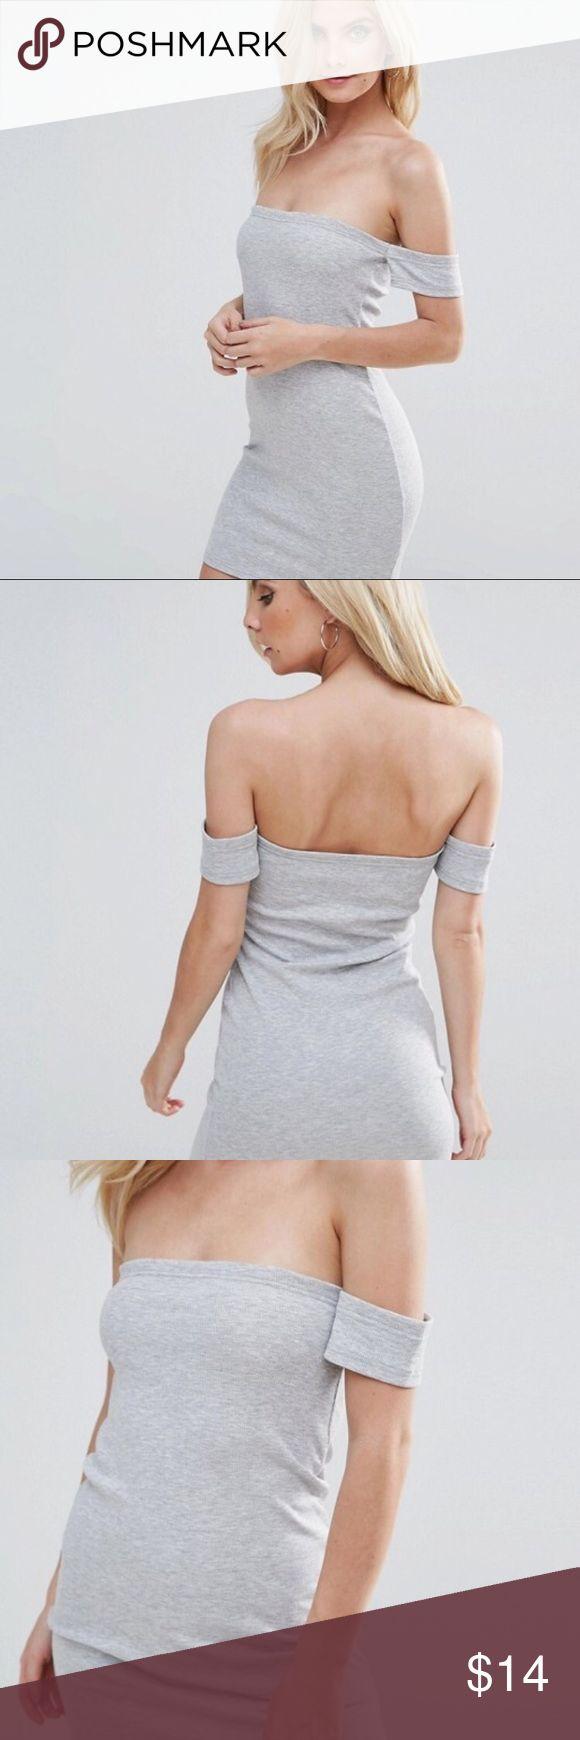 ASOS Brand New Petite Bodycon Mini Dress. Size 2 ASOS Brand New Never Worn Petite Bardot Bodycon Dress. Size 2 ASOS Petite Dresses Mini